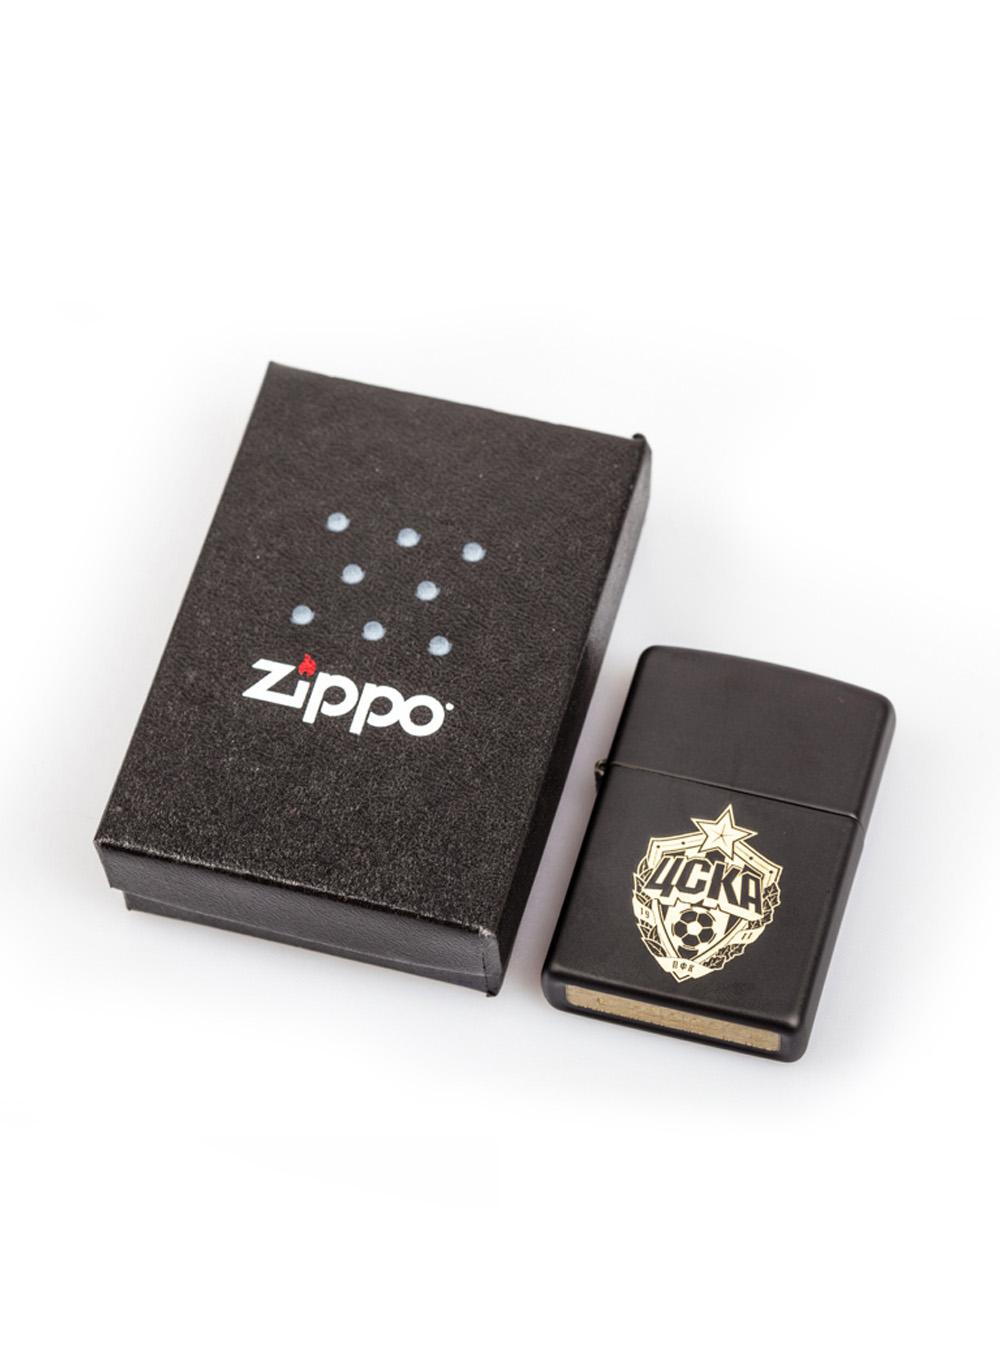 Зажигалка ZIPPO, цвет чёрный матовый фото